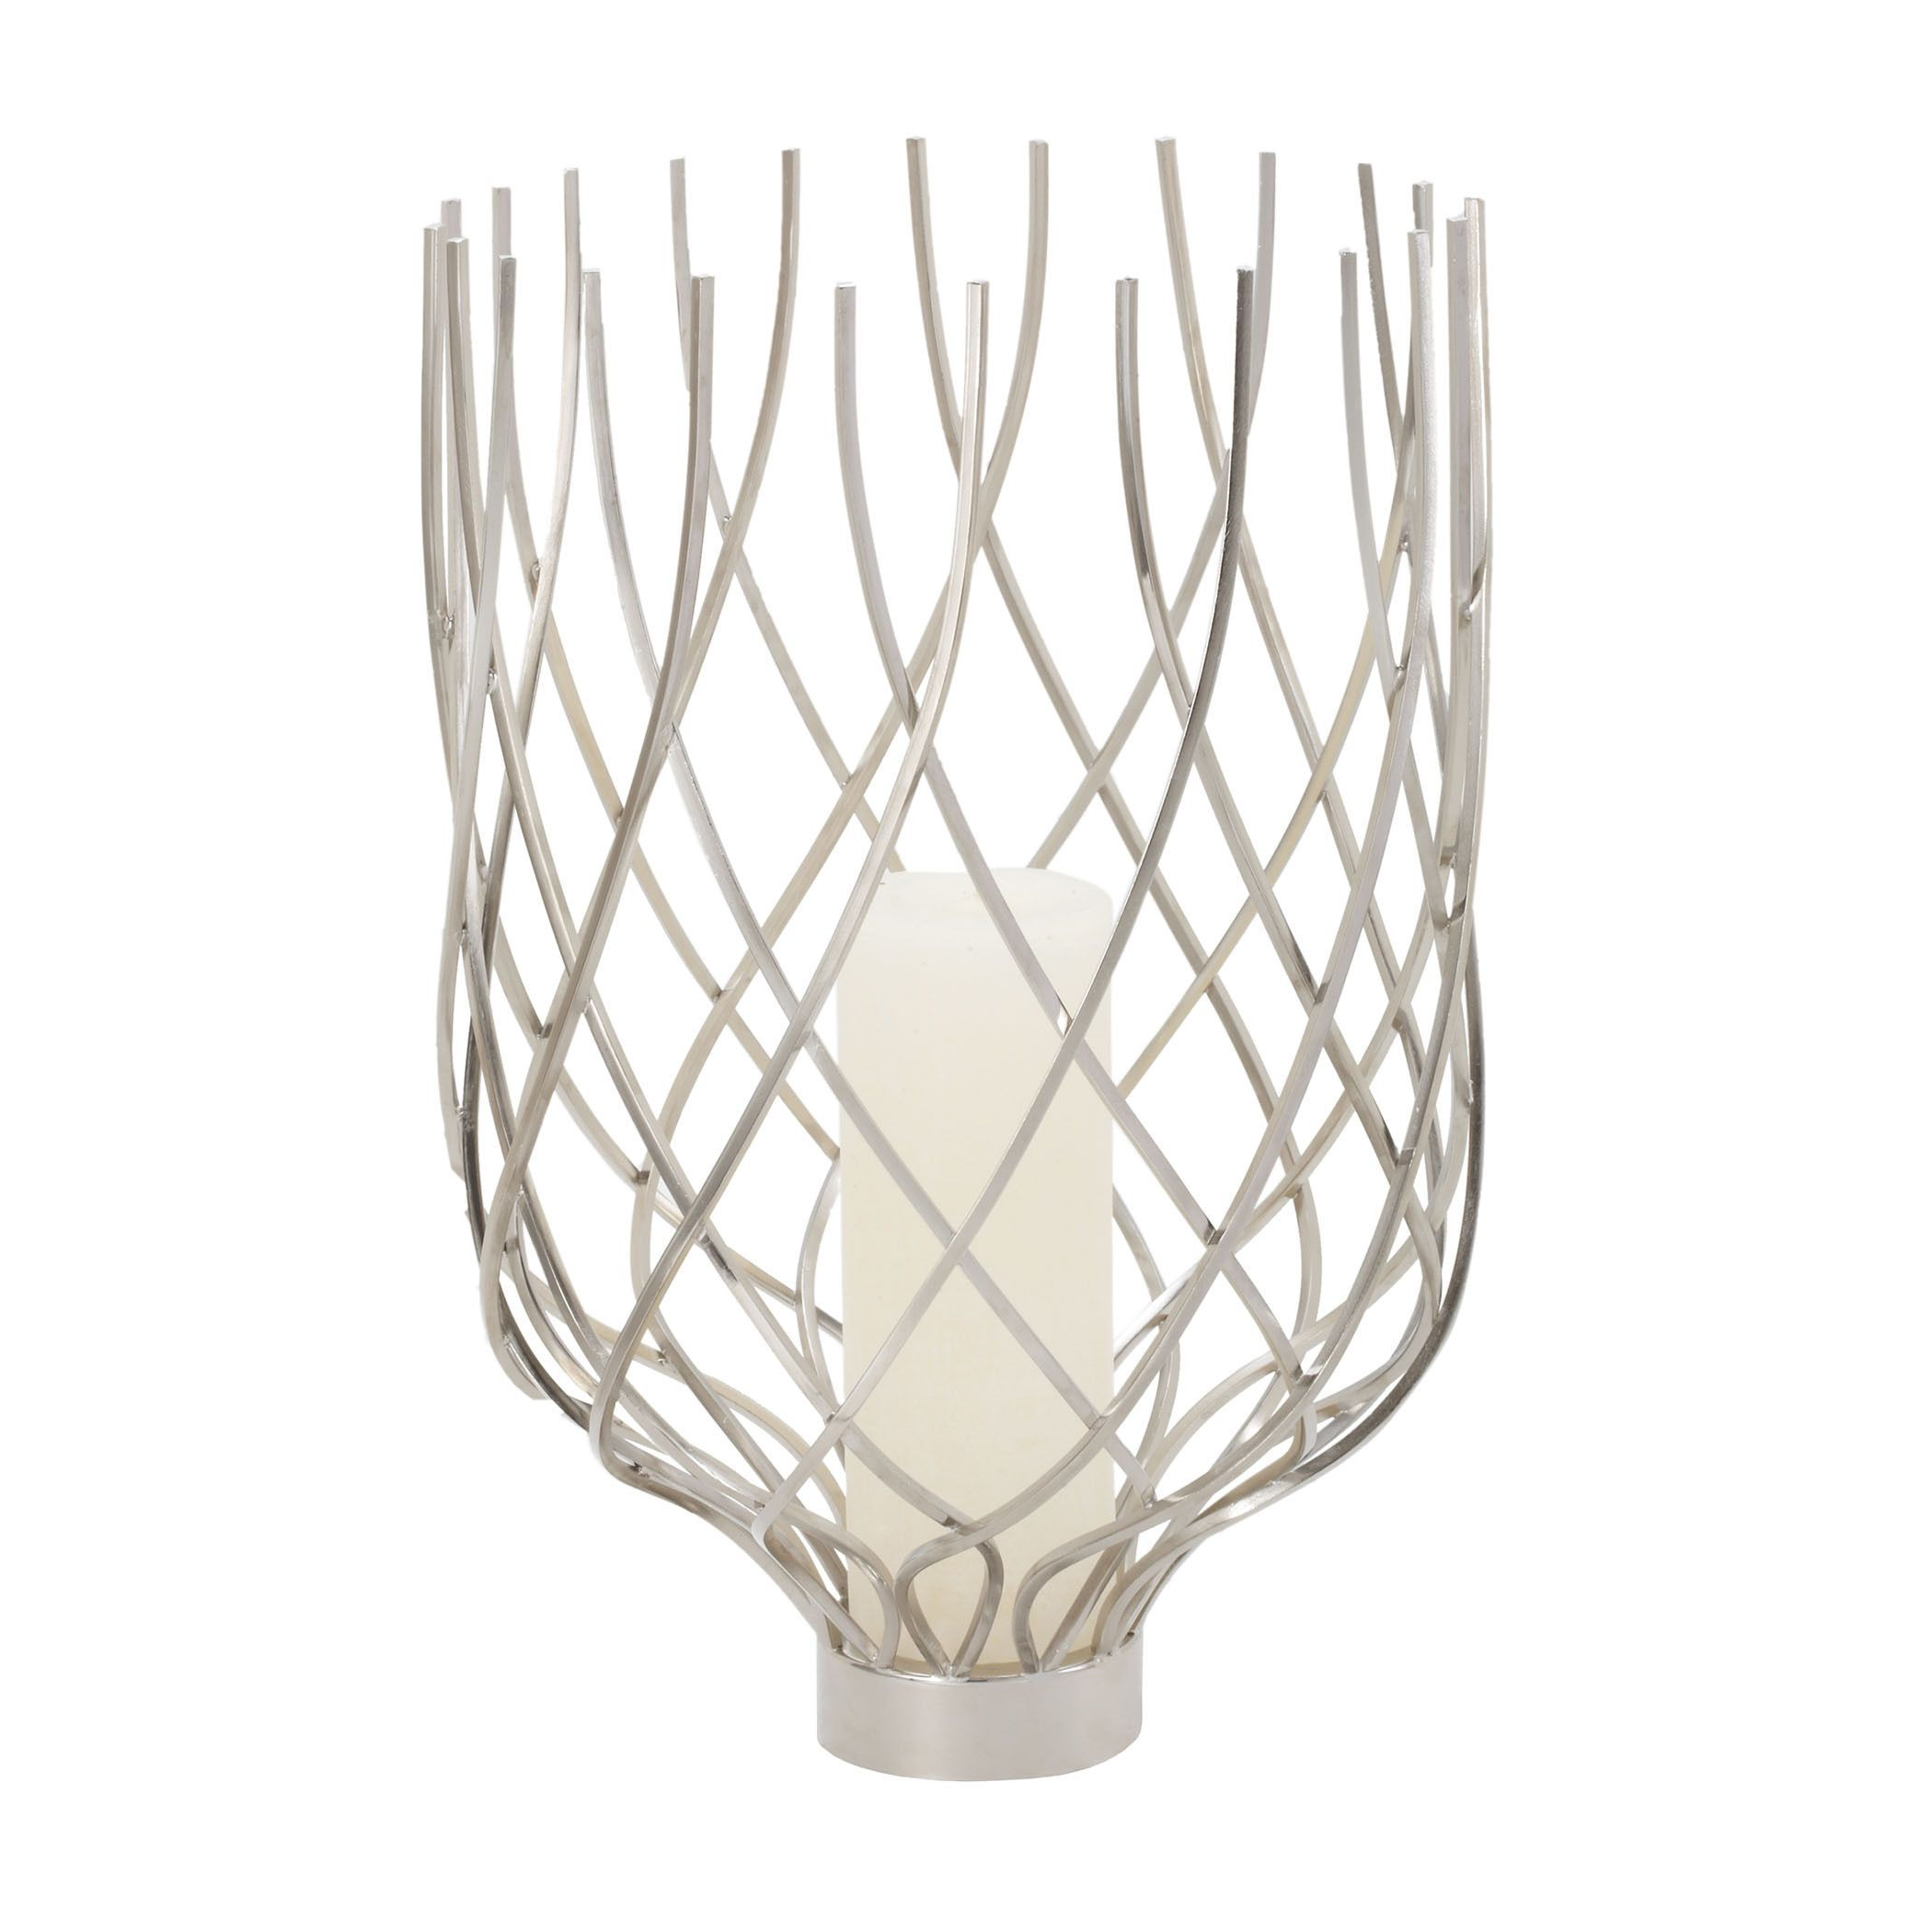 Silver vortex hurricane products